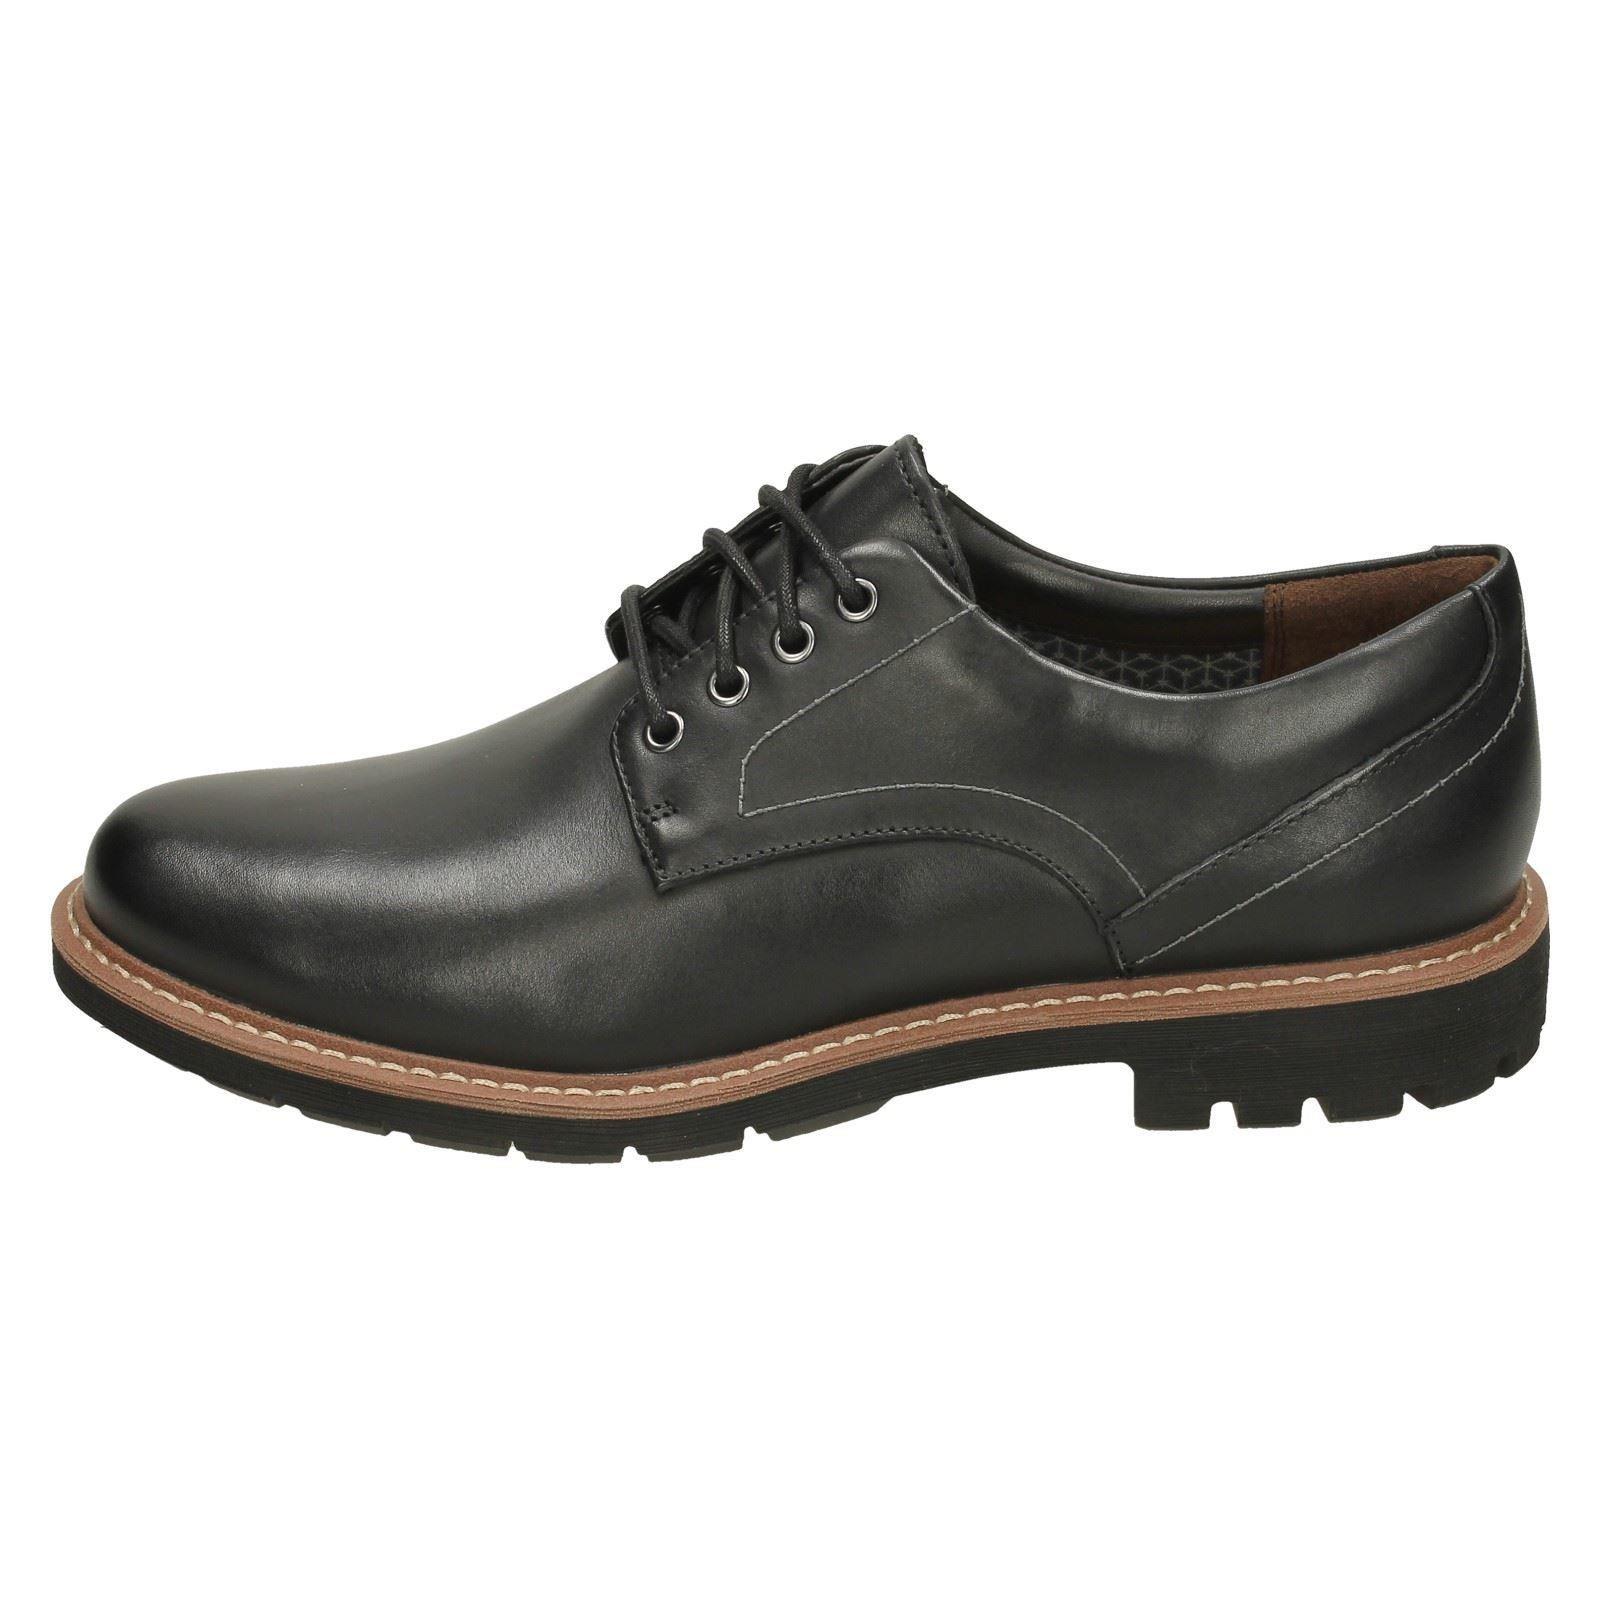 Cordones Clarks Batcombe Zapatos Hall Elegantes Hombre Con 4wa1nTBxq